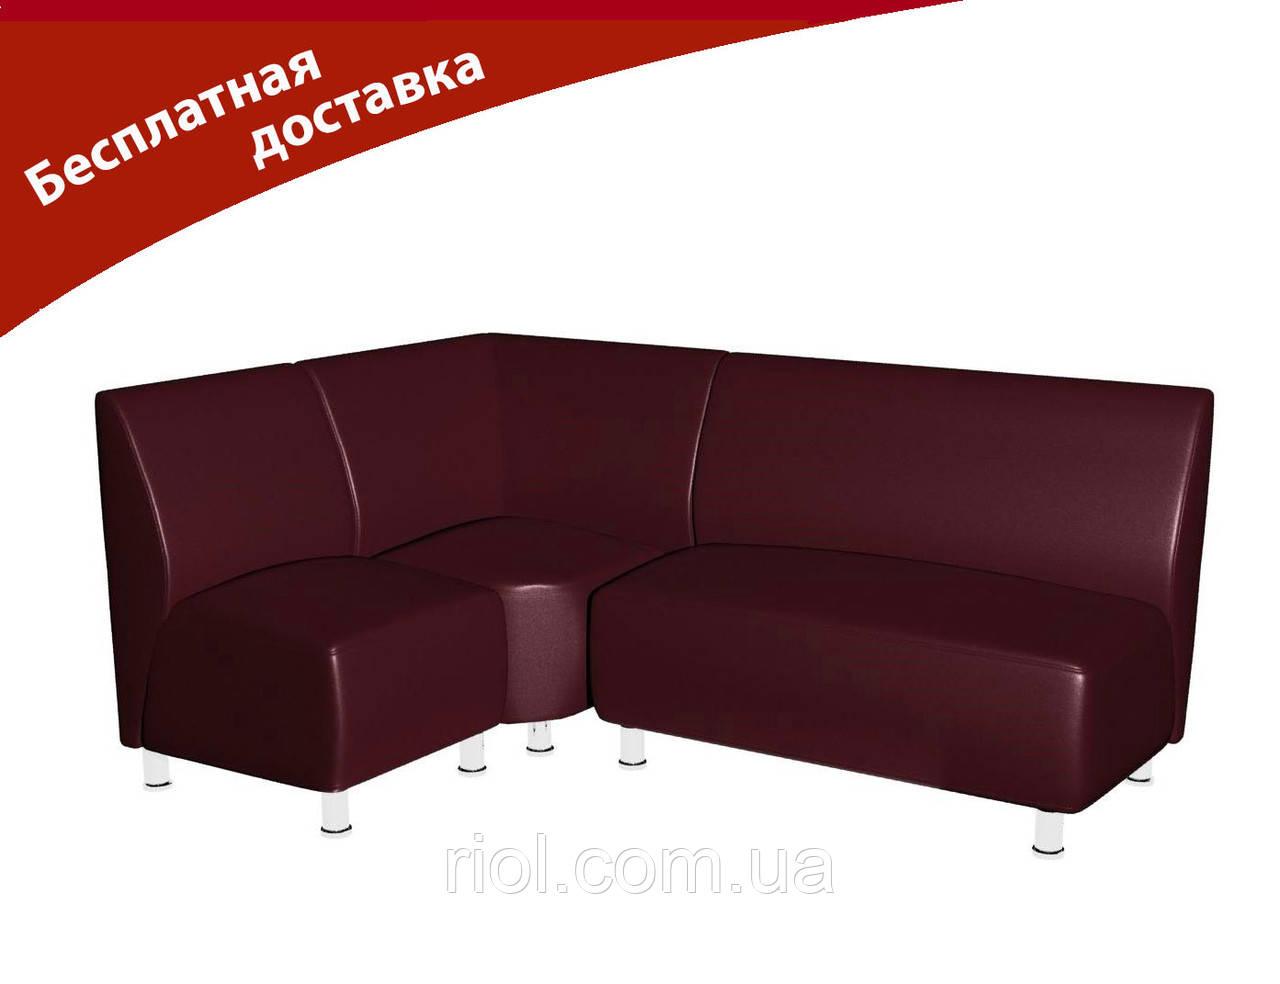 Комплект мягкой мебели для офиса и кафе бордо